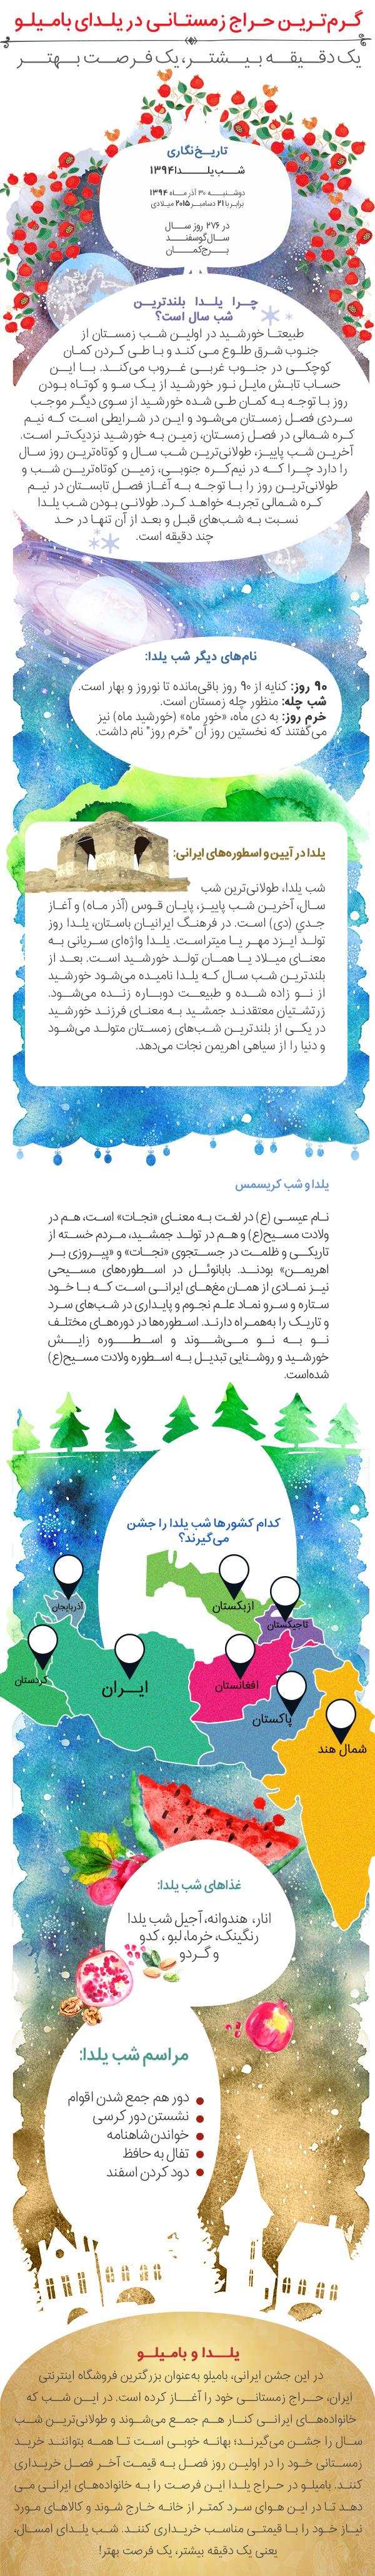 بیش از 10 هزار هدیه برای کاربران بامیلو (اطلاع رسانی تبلیغی)